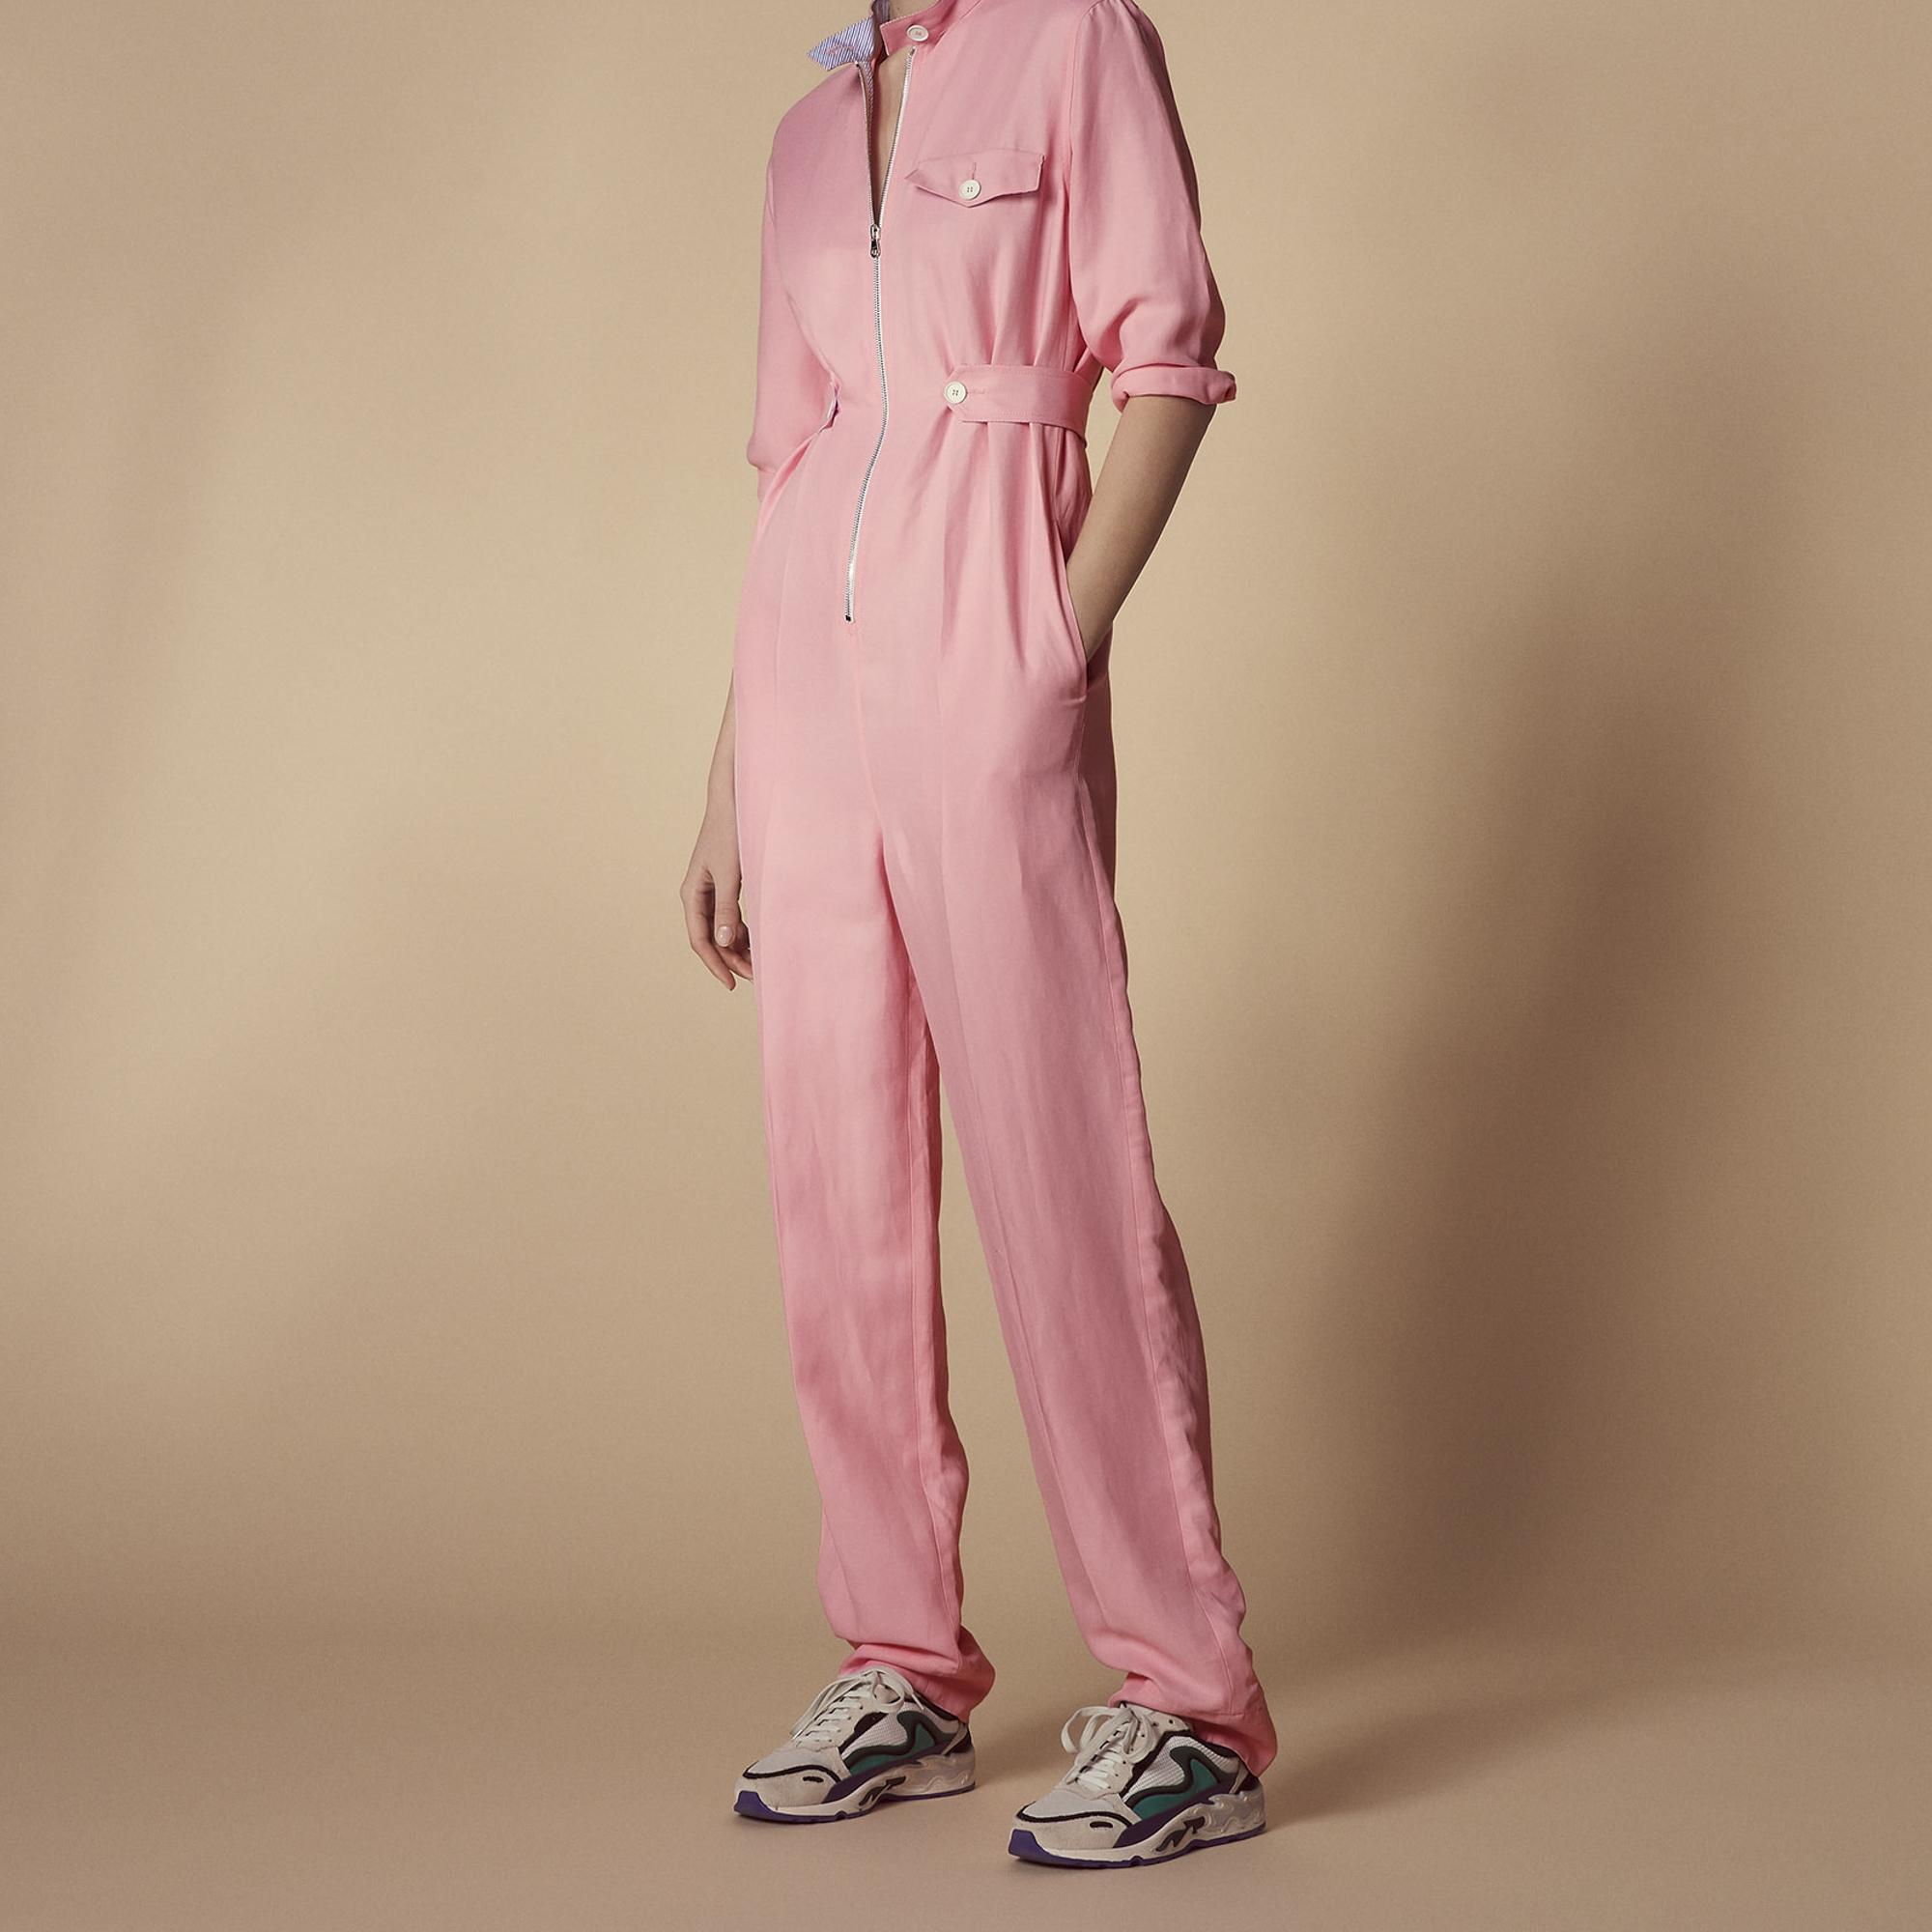 Tuta pantalone rosa : Pantaloni colore Rosa Chiaro